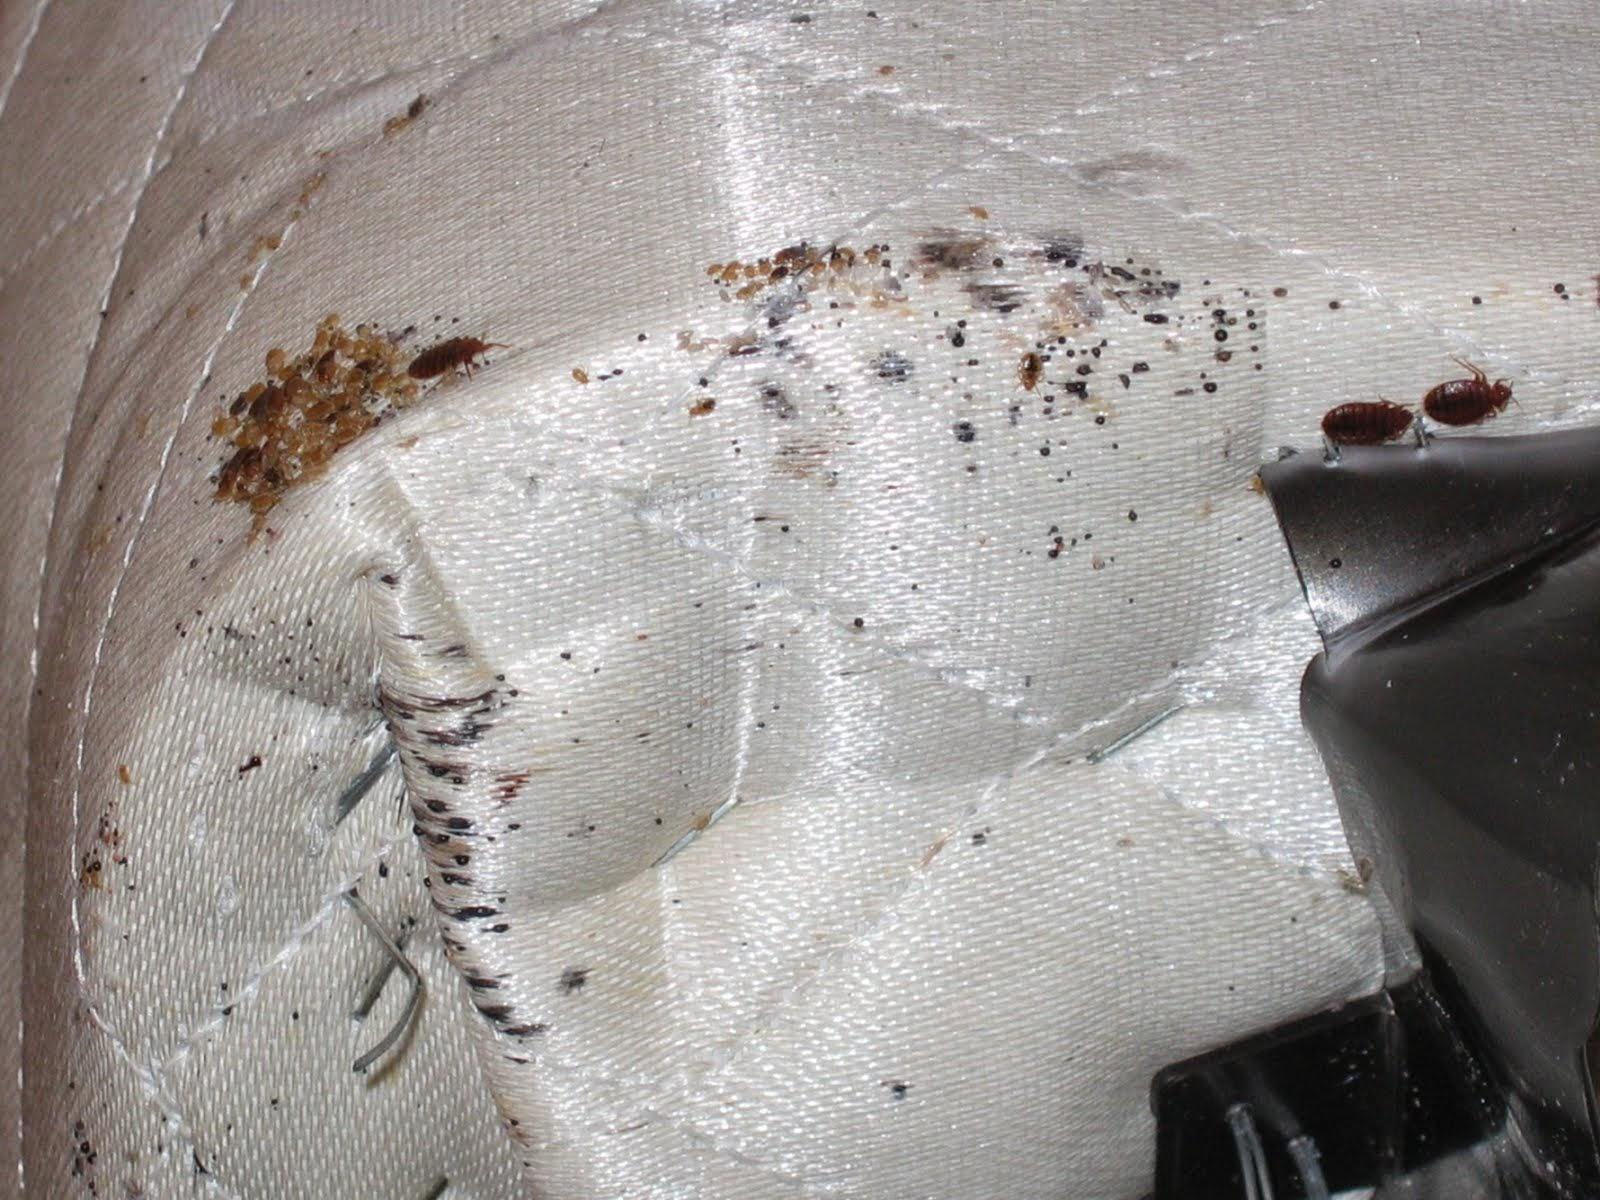 Bedbugschicago 855 855 Bugs Evidence Of Bed Bugs